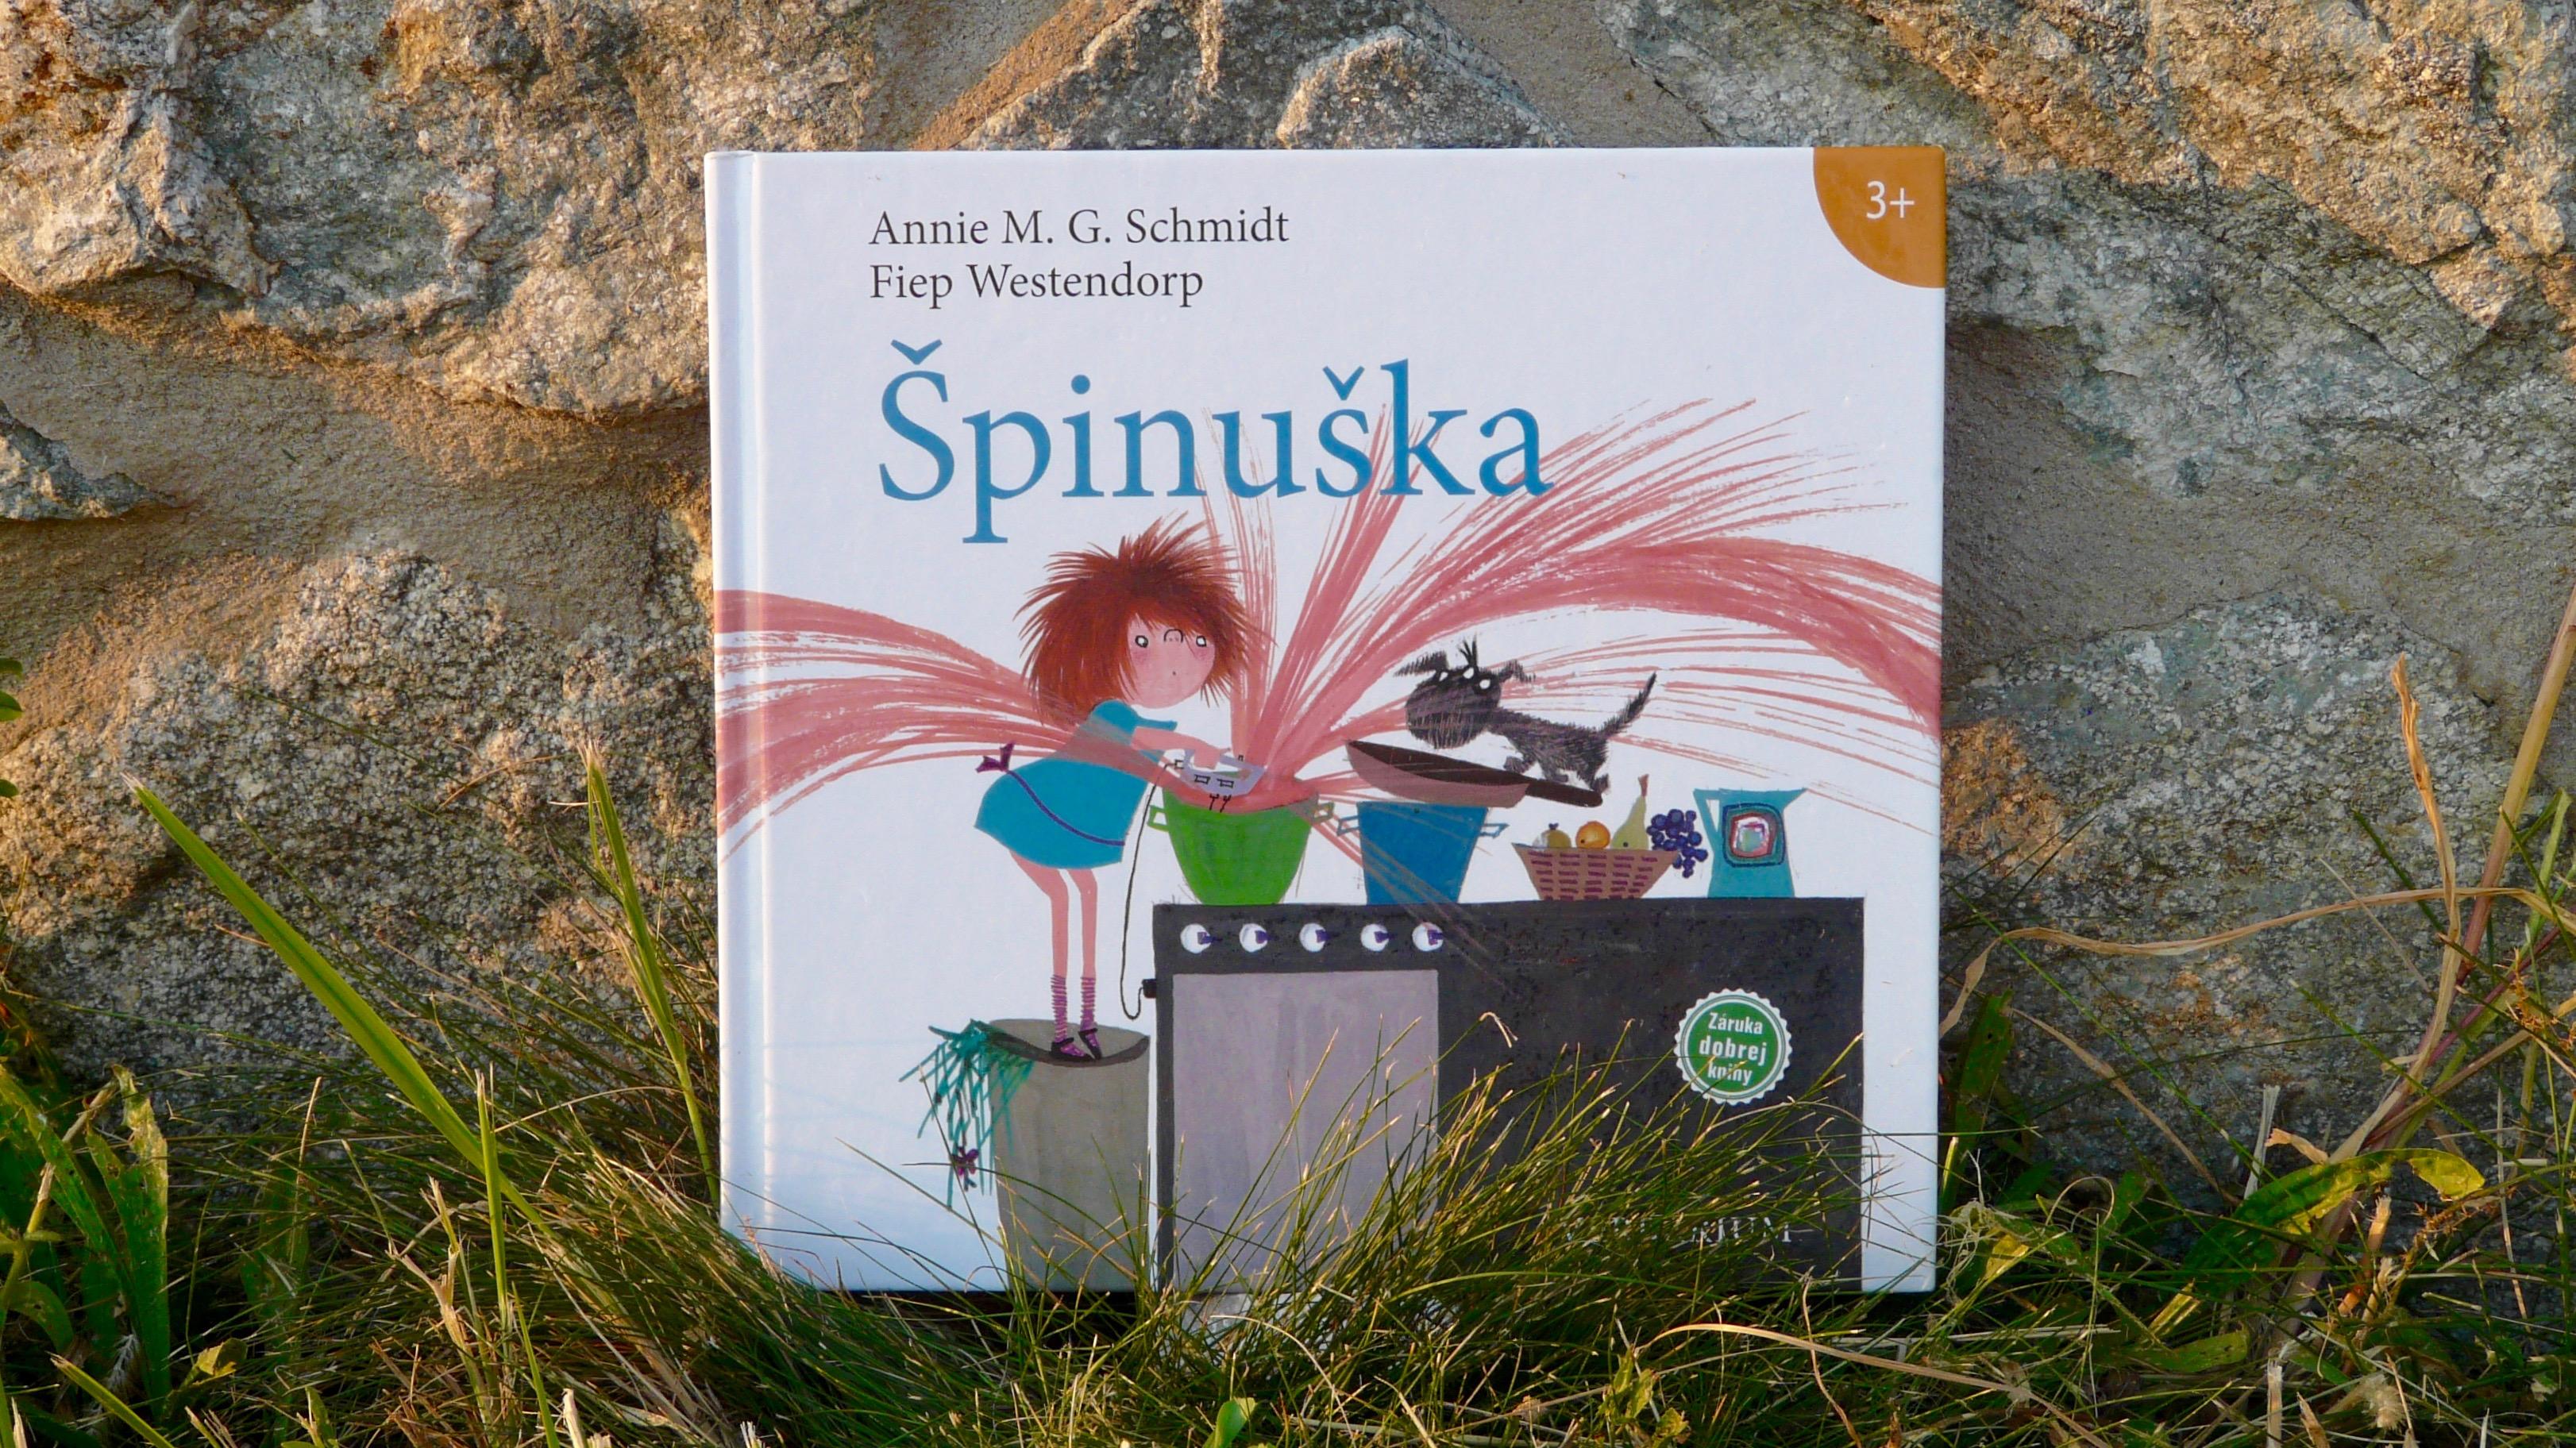 Spinuska